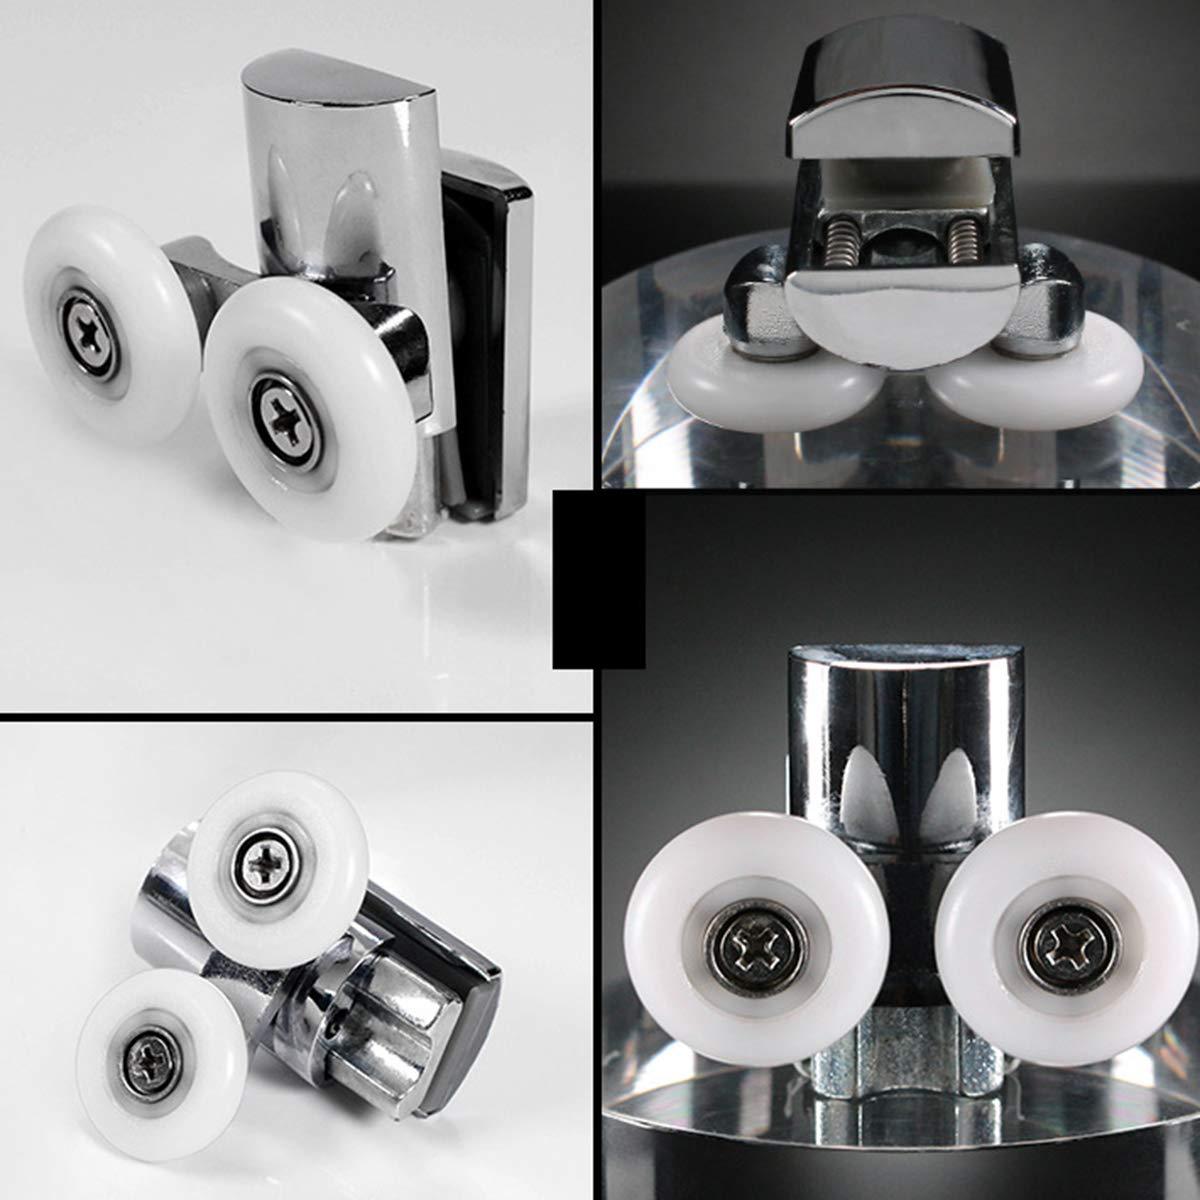 aleaci/ón de zinc, 23 mm de di/ámetro, 2 superiores y 2 inferiores para puertas correderas planas y curvas BigBig Style Rodillos para mampara de ducha